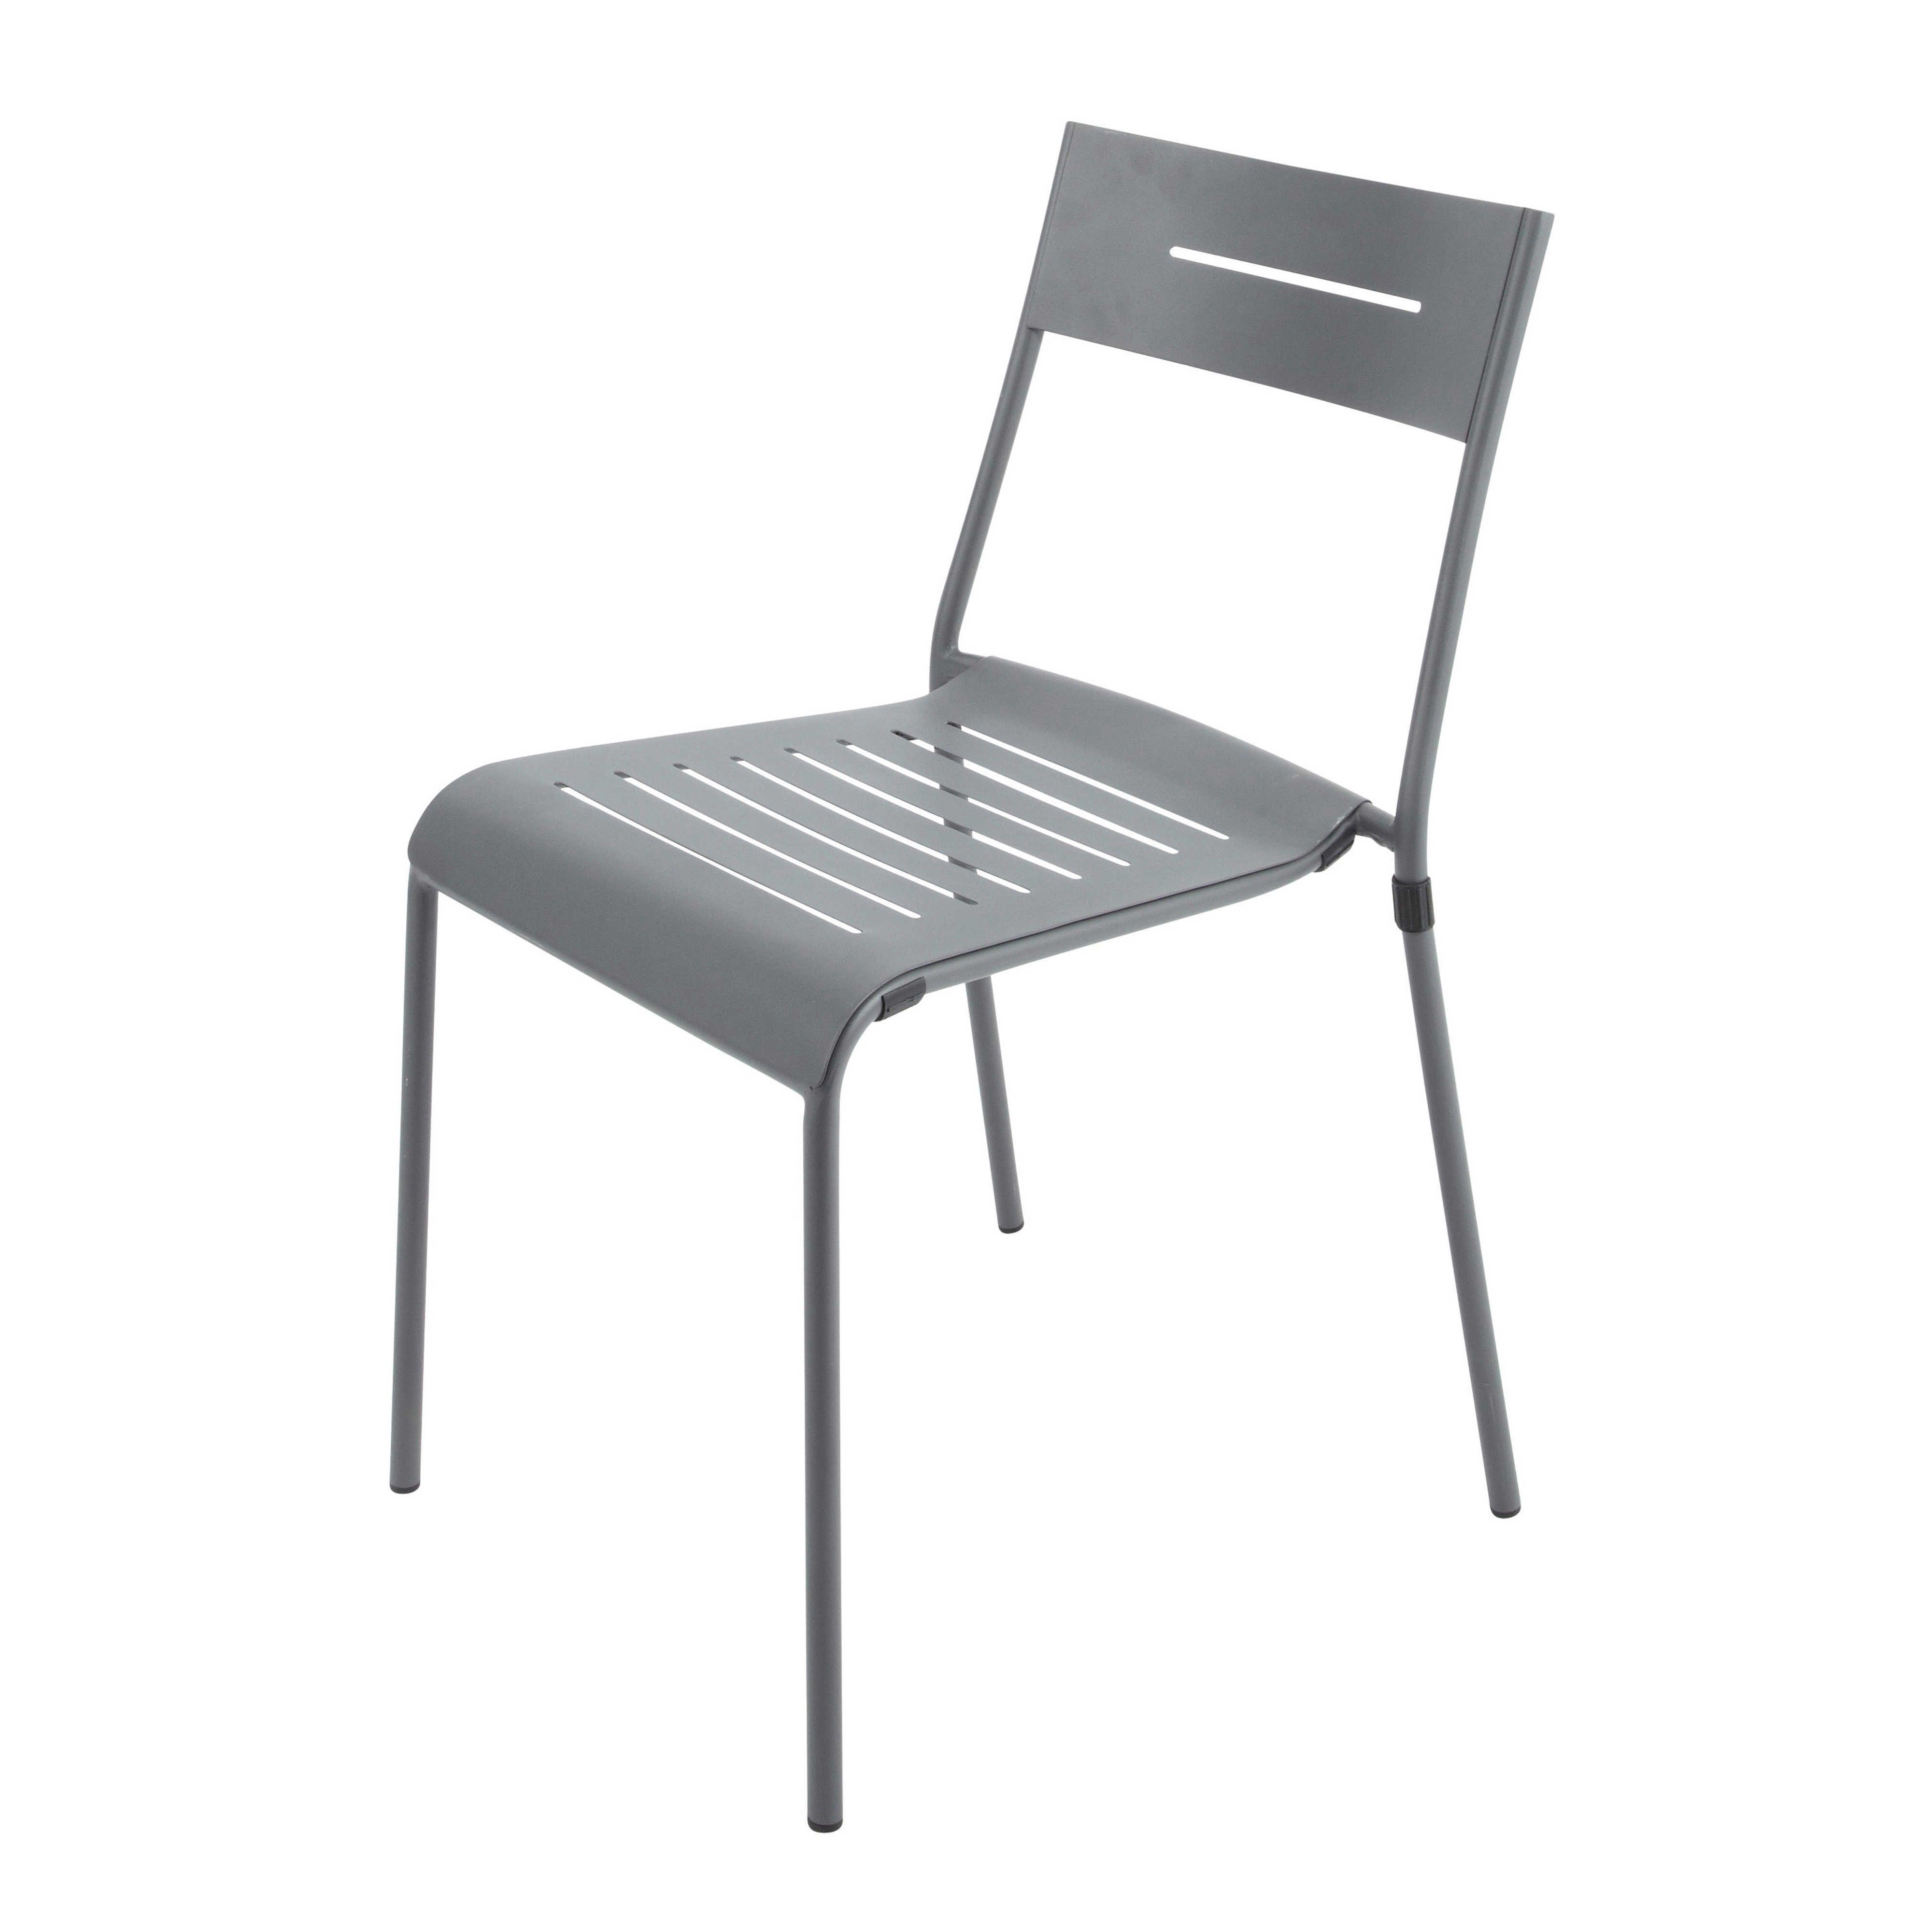 Chaise De Jardin En Metal Swing 3500 Solde